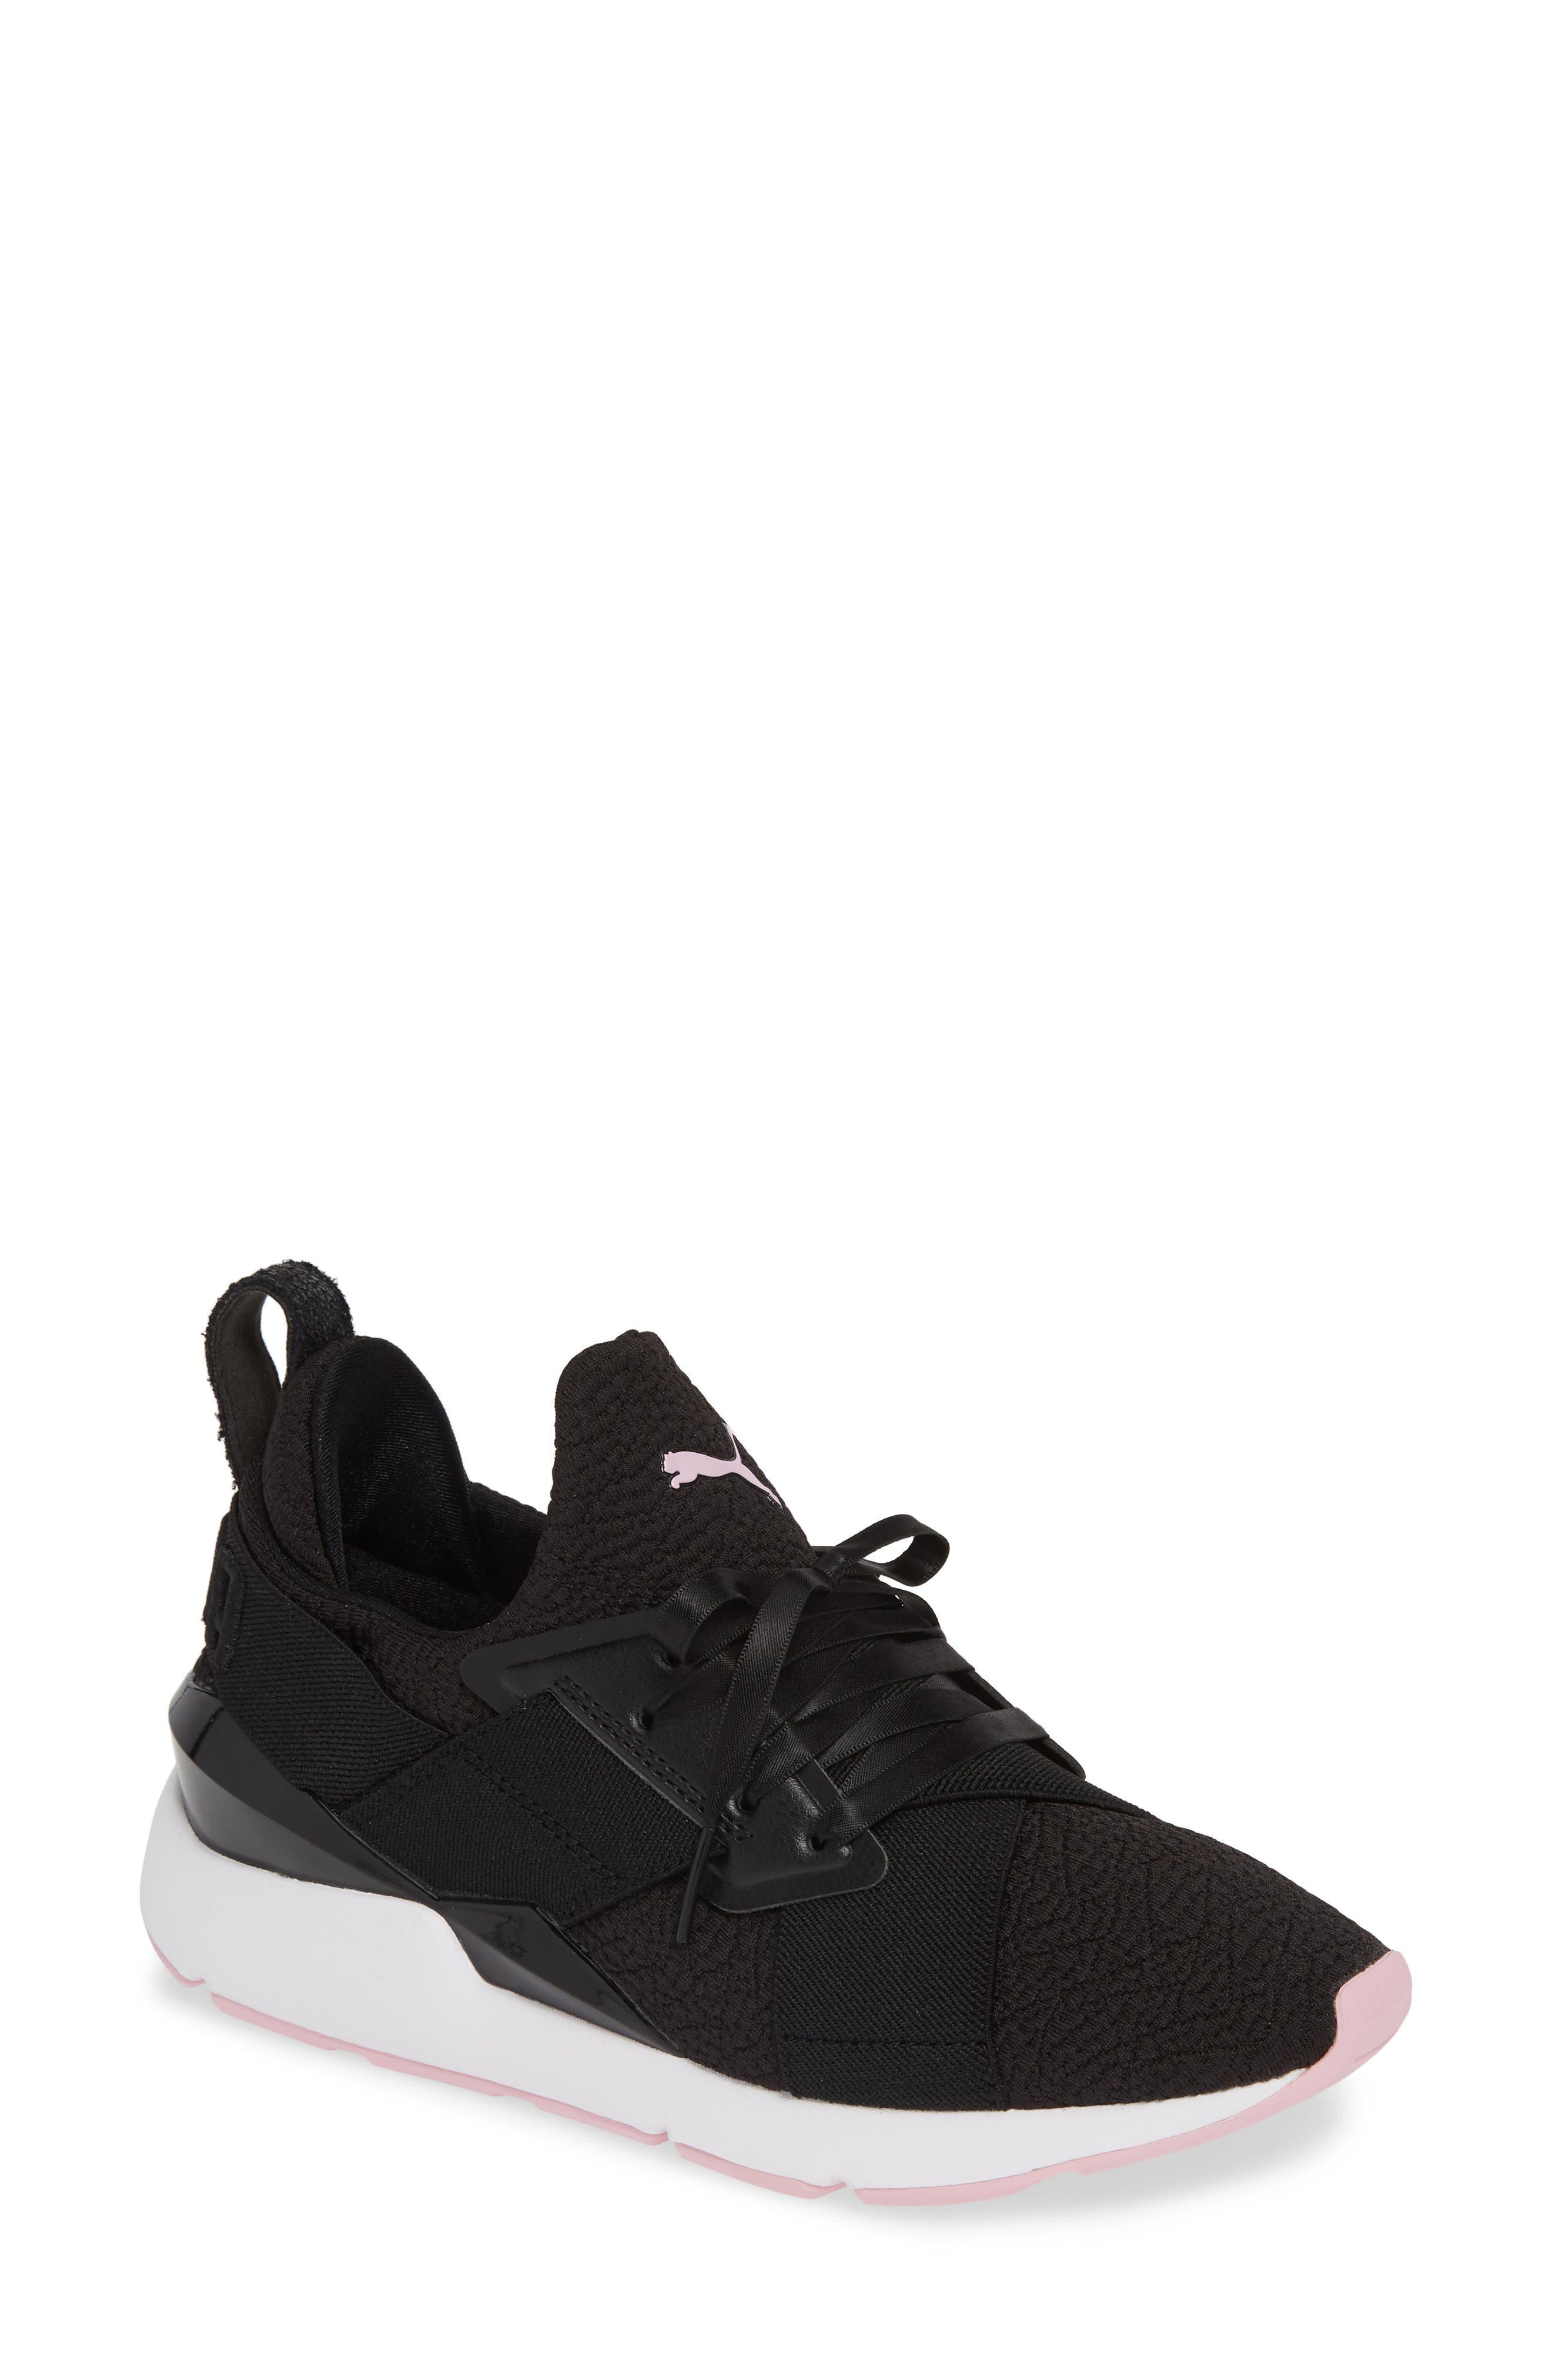 PUMA Muse TZ Sneaker, Main, color, BLACK/ PALE PINK